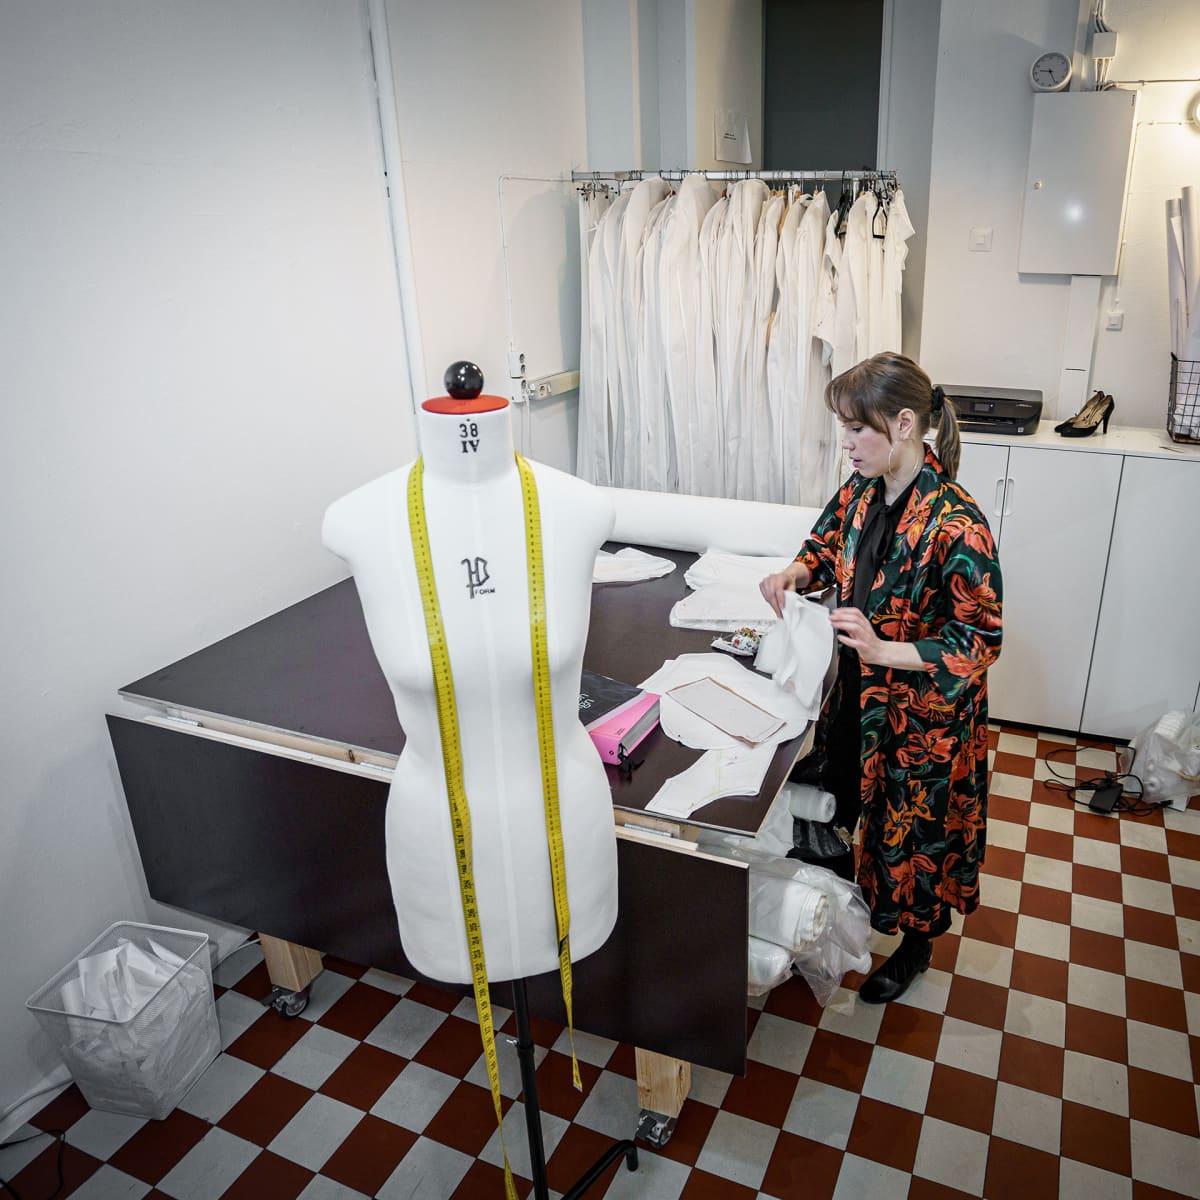 Hääpukusuunnittelija Laura Hyvi työskentelemässä työpöytänsä ääressä.